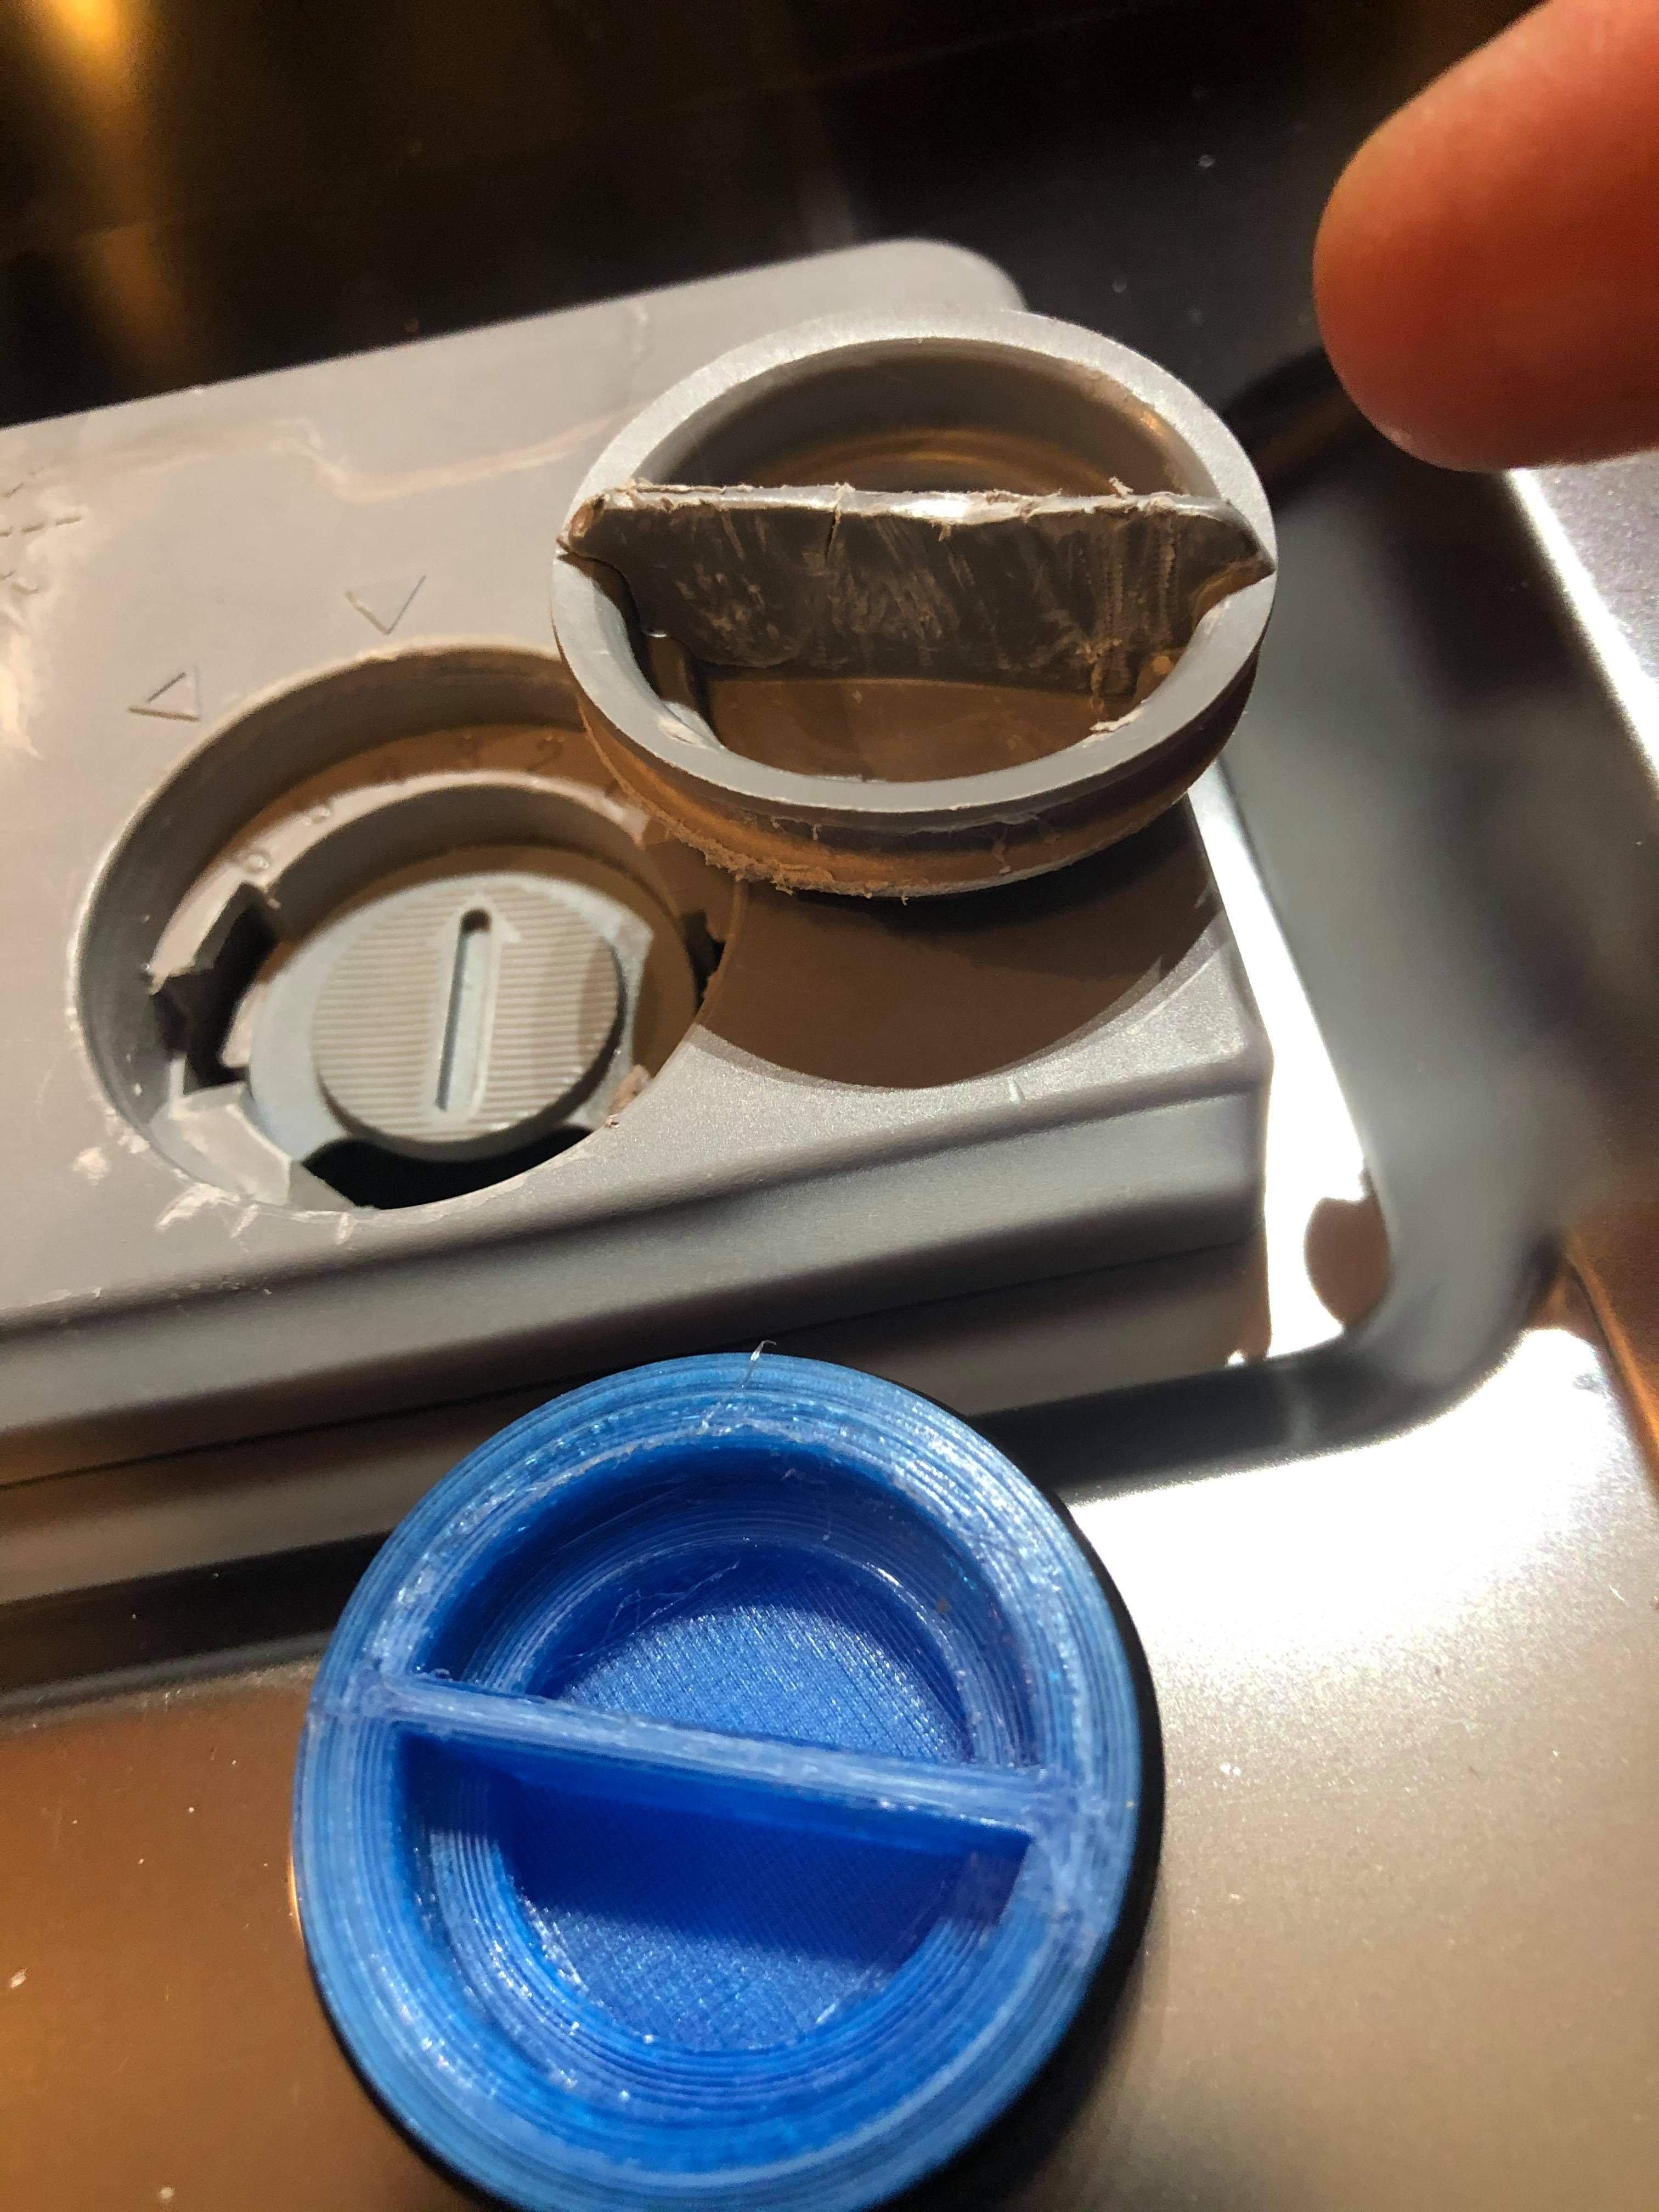 Detergent dispenser lid for Asko D3121dishwasher